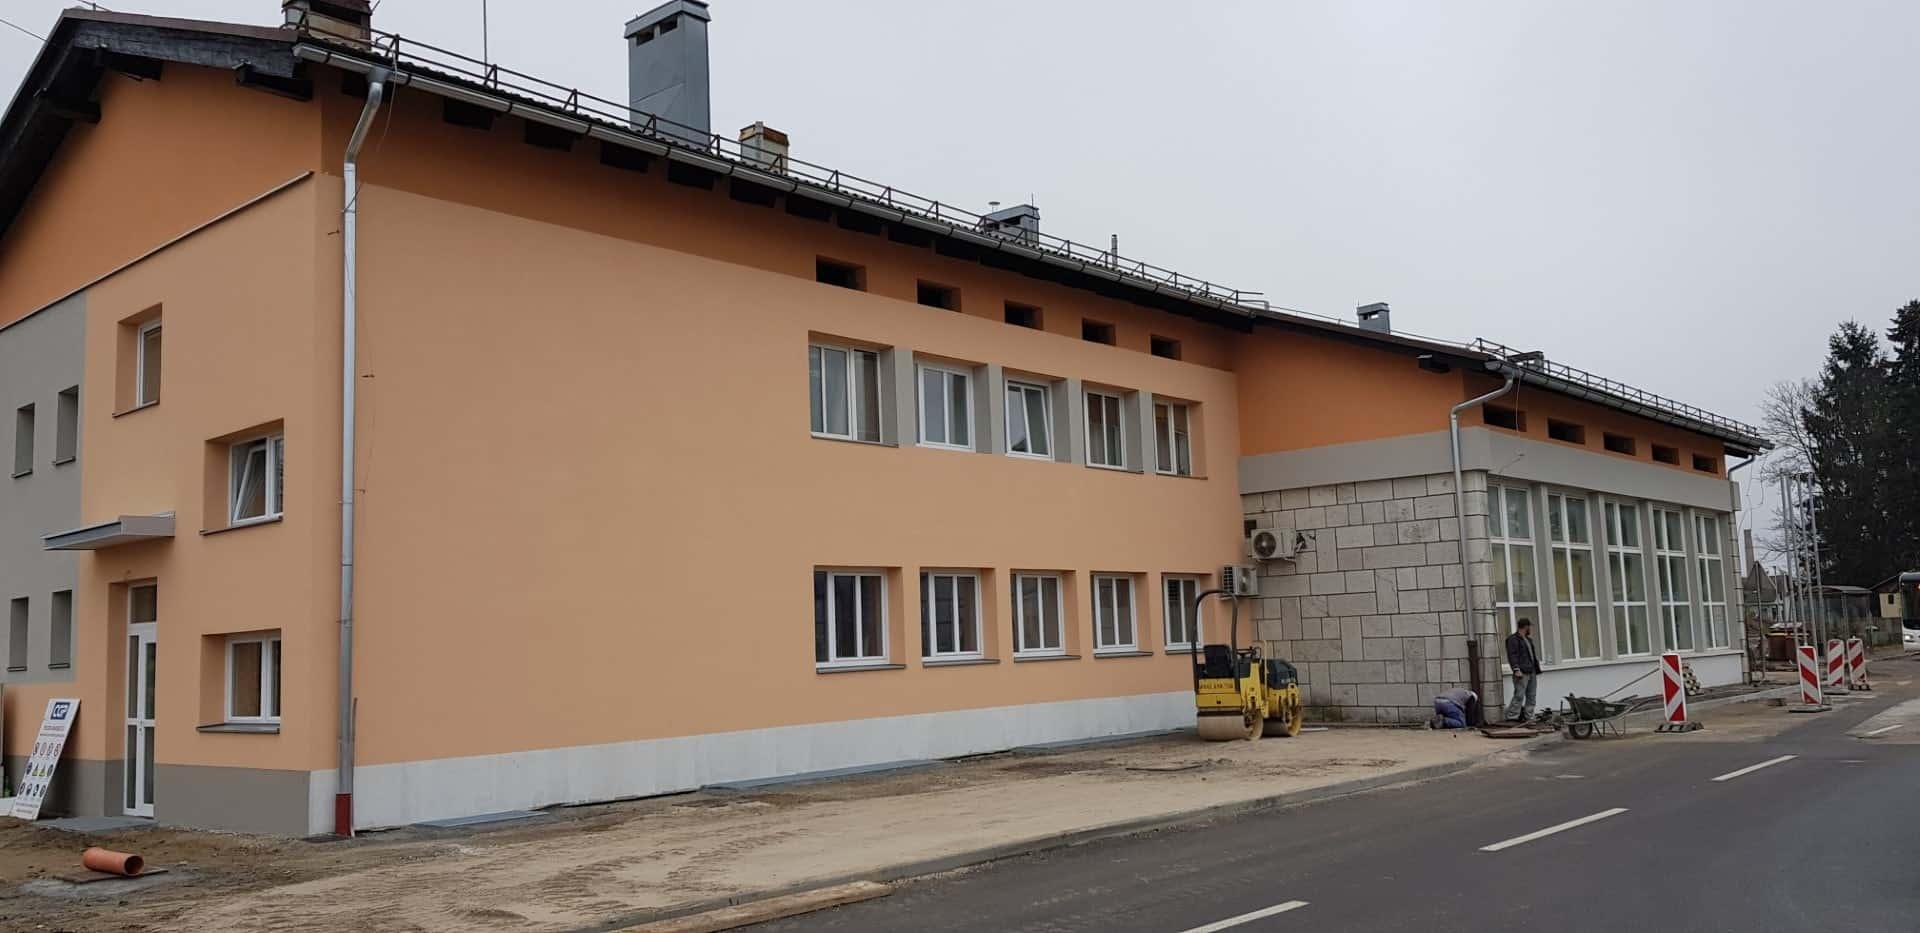 Permal doo reference Zelezniska postaja dobropolje ribnica kocevje -2 2019 iMode d.o.o. (Large)